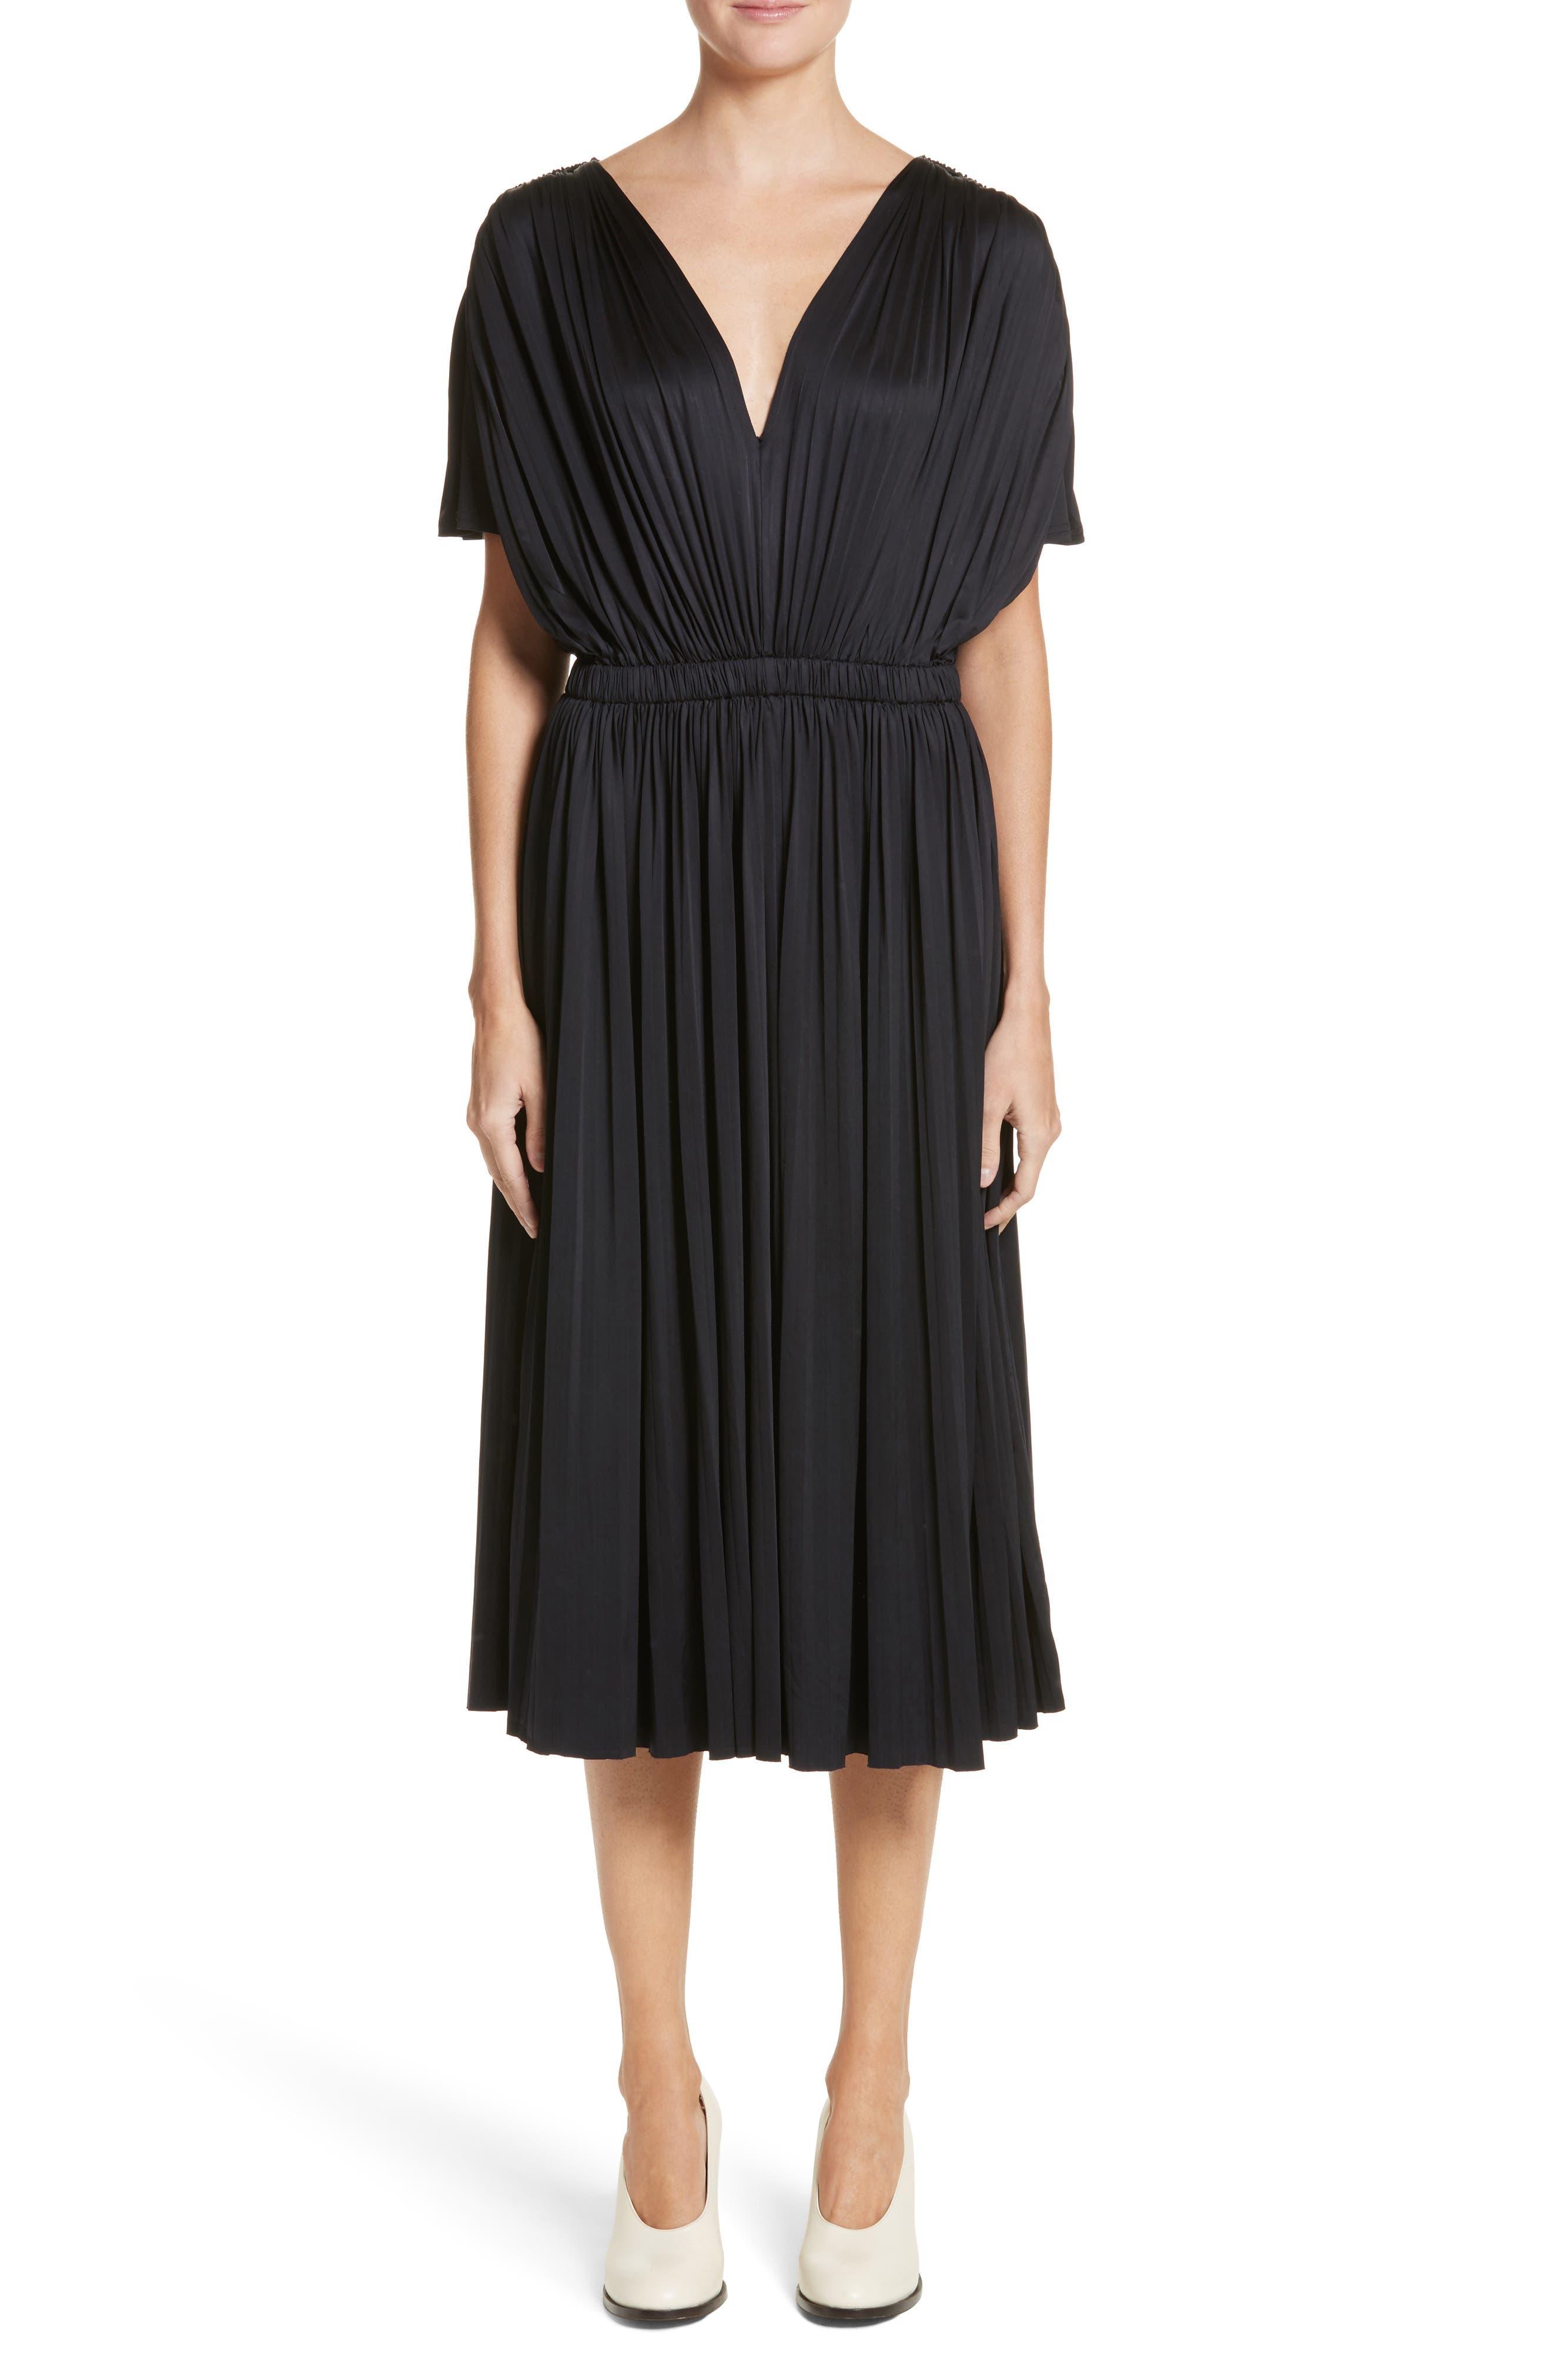 Co Fluid Jersey Dress